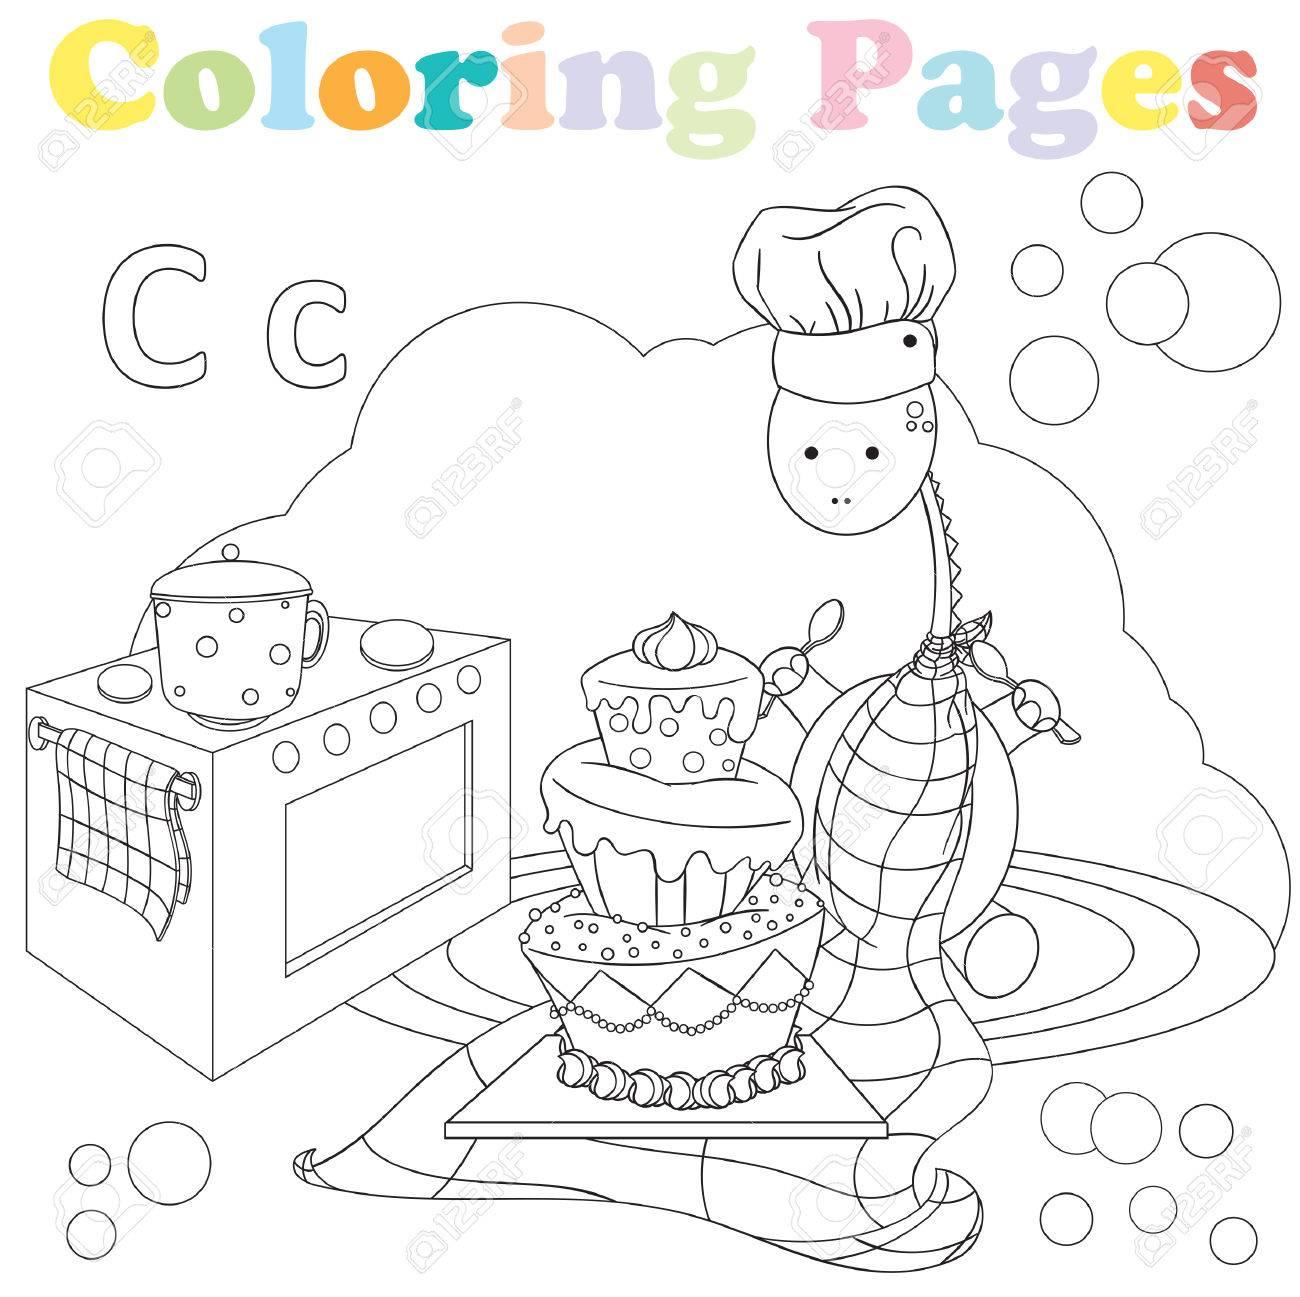 Dibujos Para Colorear Para Niños Juego De Alfabetos Letra C